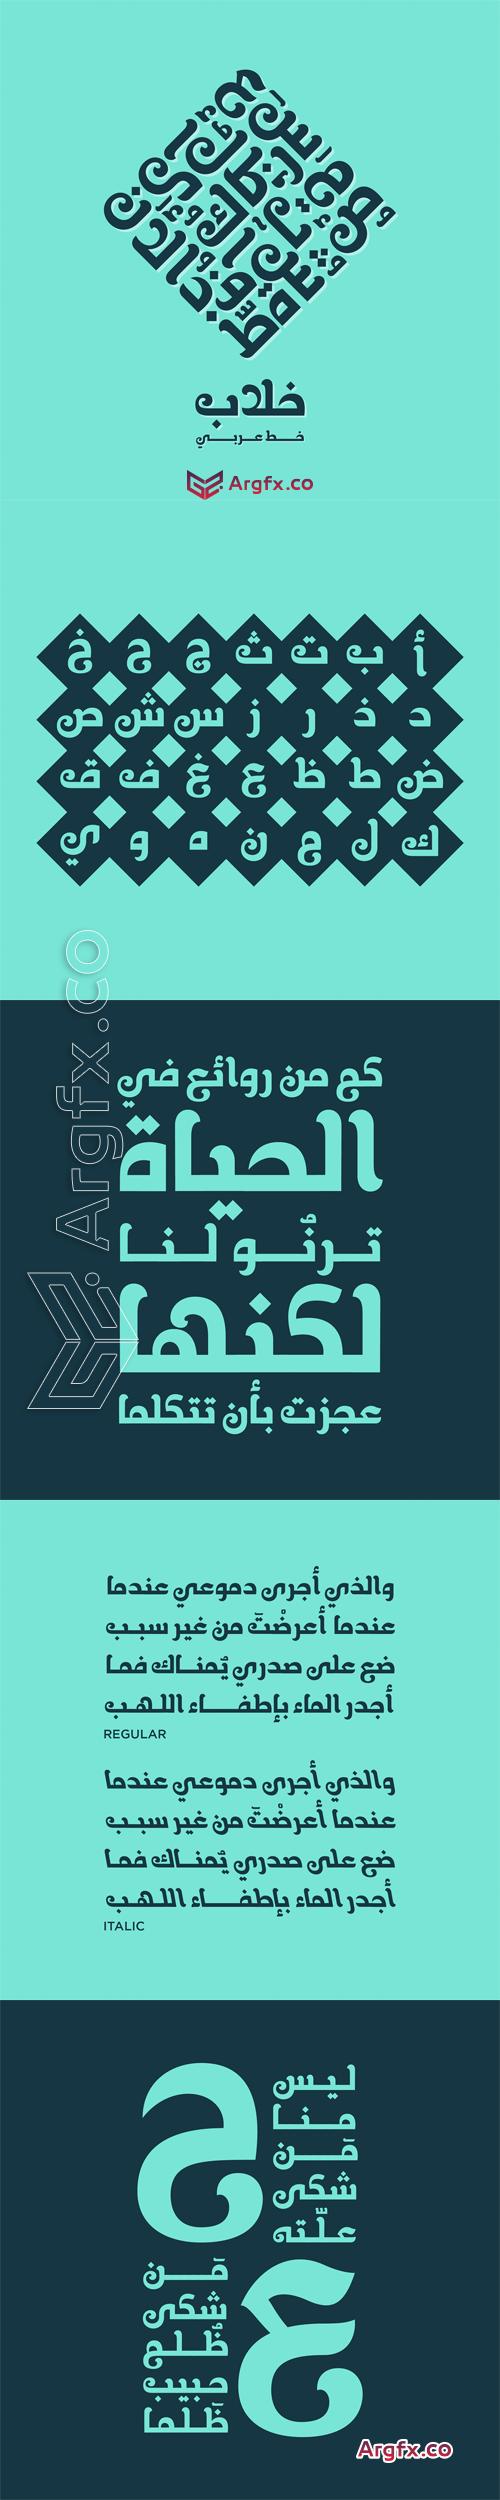 Khallab Typeface - Arabic Font